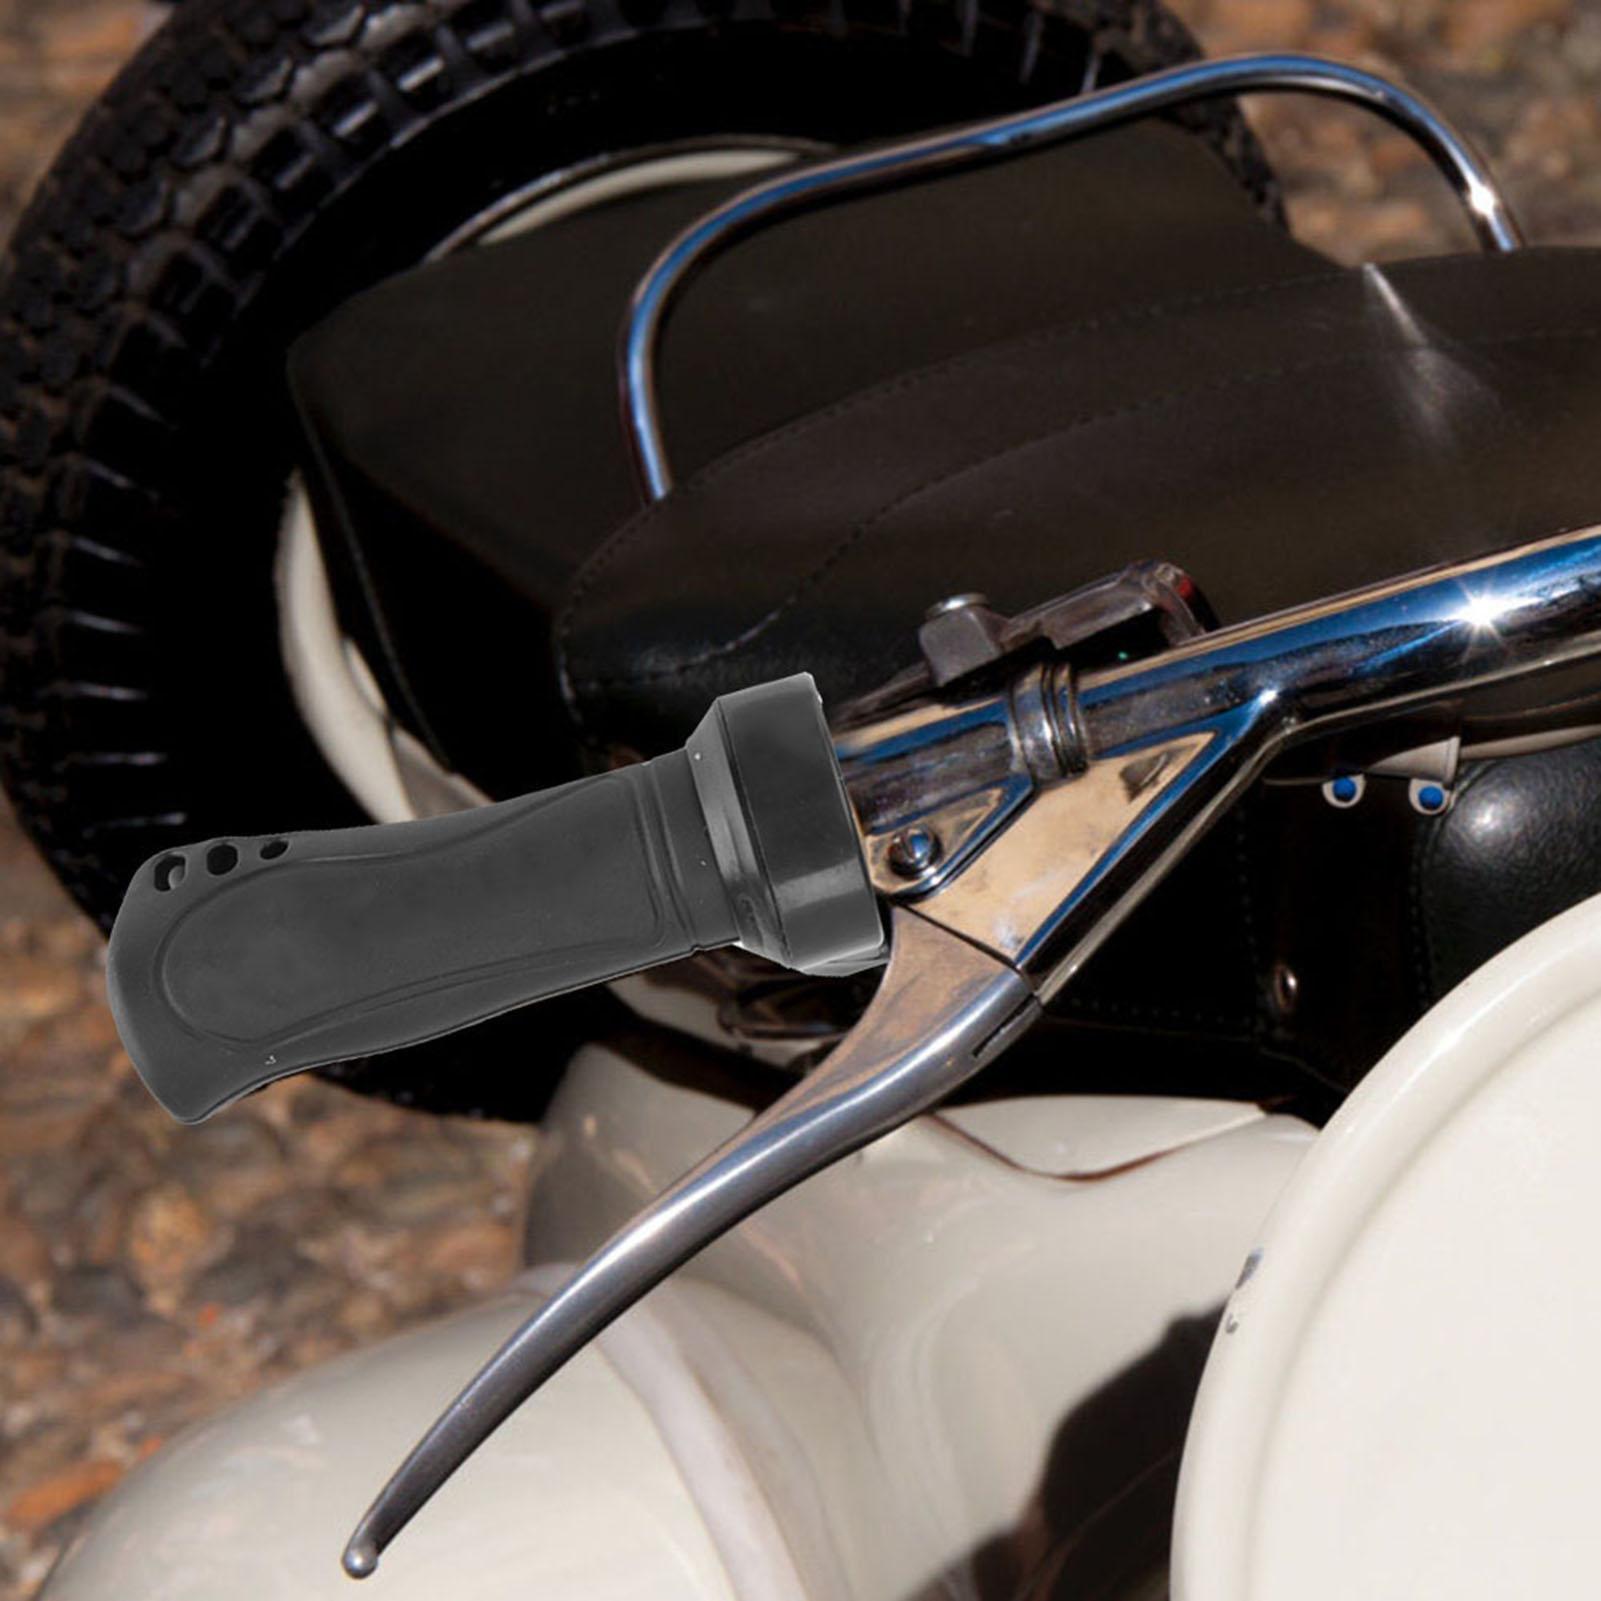 500-1000W-24-36-48V-Motor-Brush-Speed-Controller-Box-For-E-bike-Scooter-W-Lock thumbnail 21